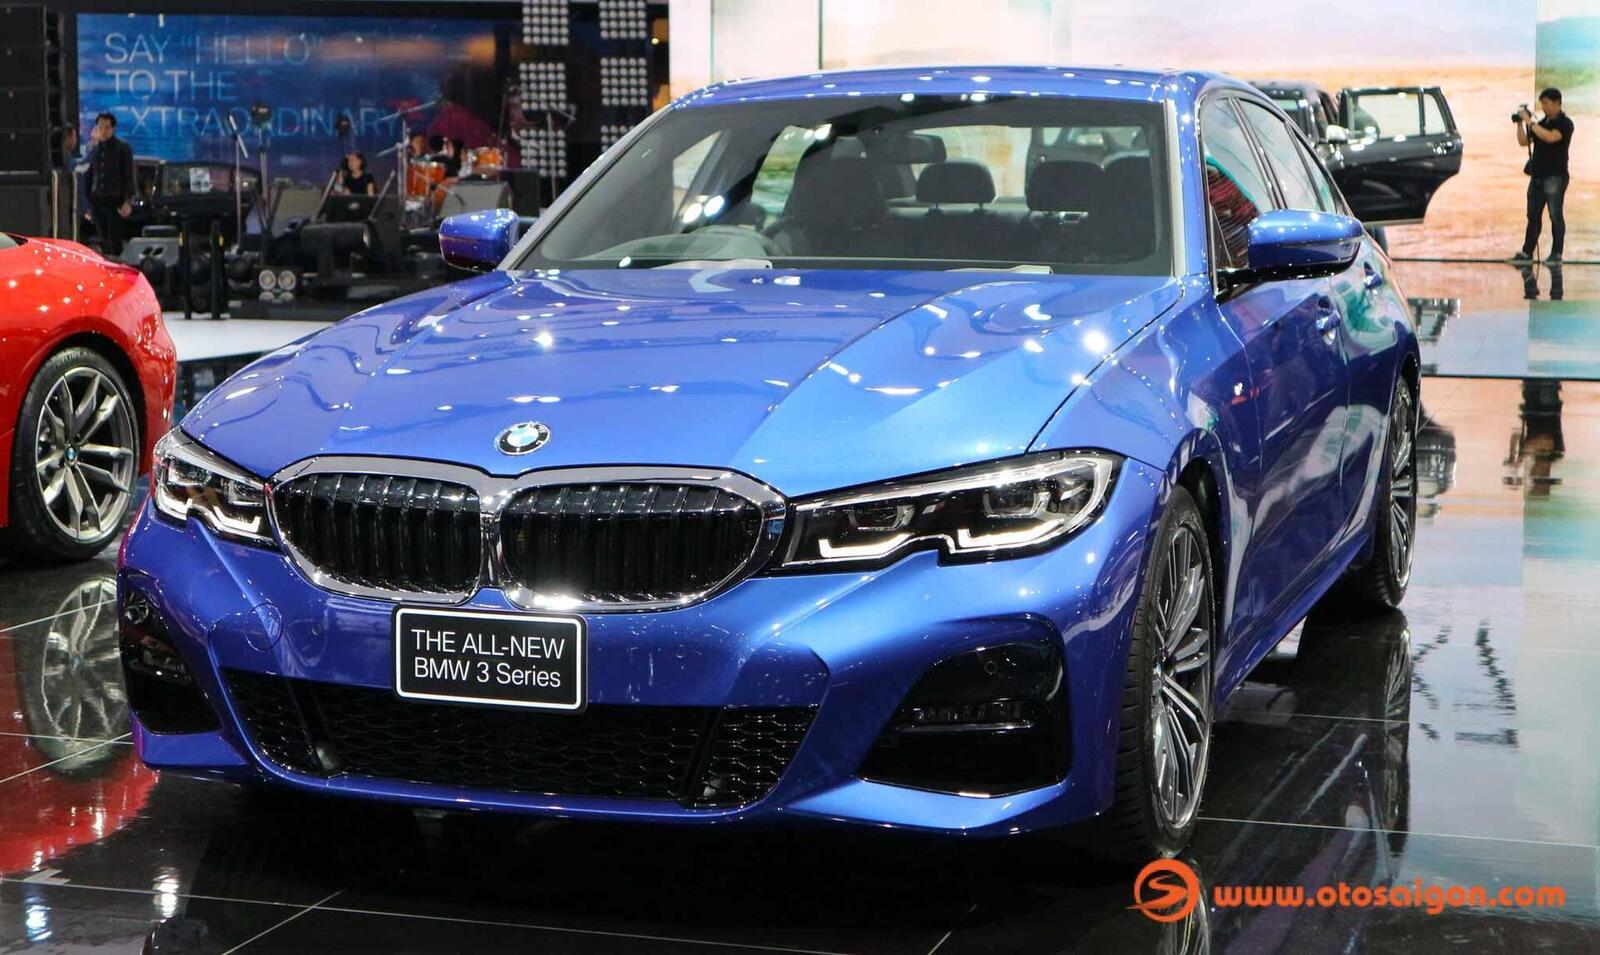 BMW 3 Series mới tại Thái Lan có giá bán từ 2,1 đến 2,4 tỷ đồng - Hình 5